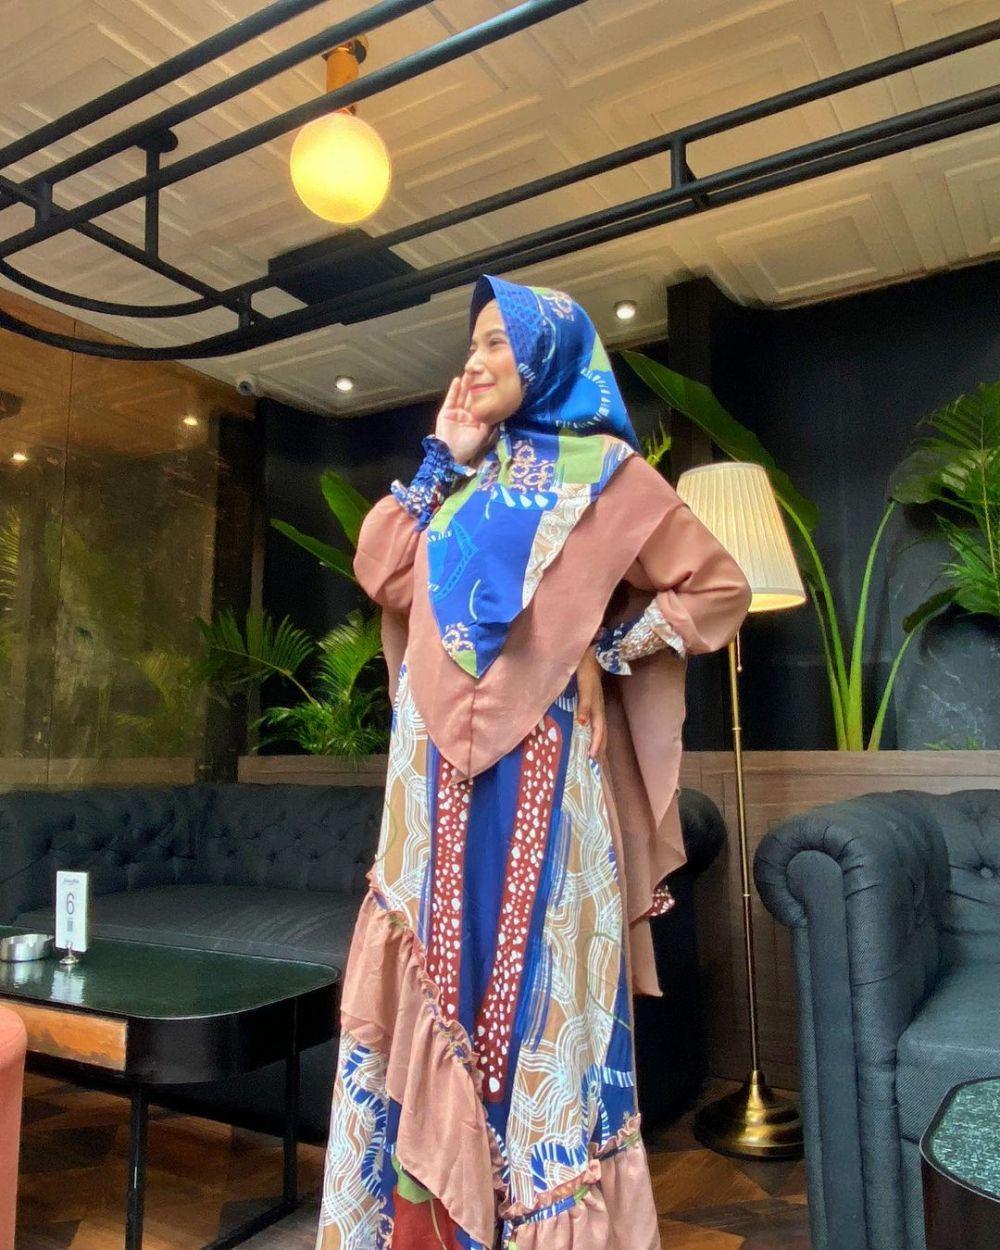 Potret terbaru Nadya Mustika saat hamil © 2021 brilio.net